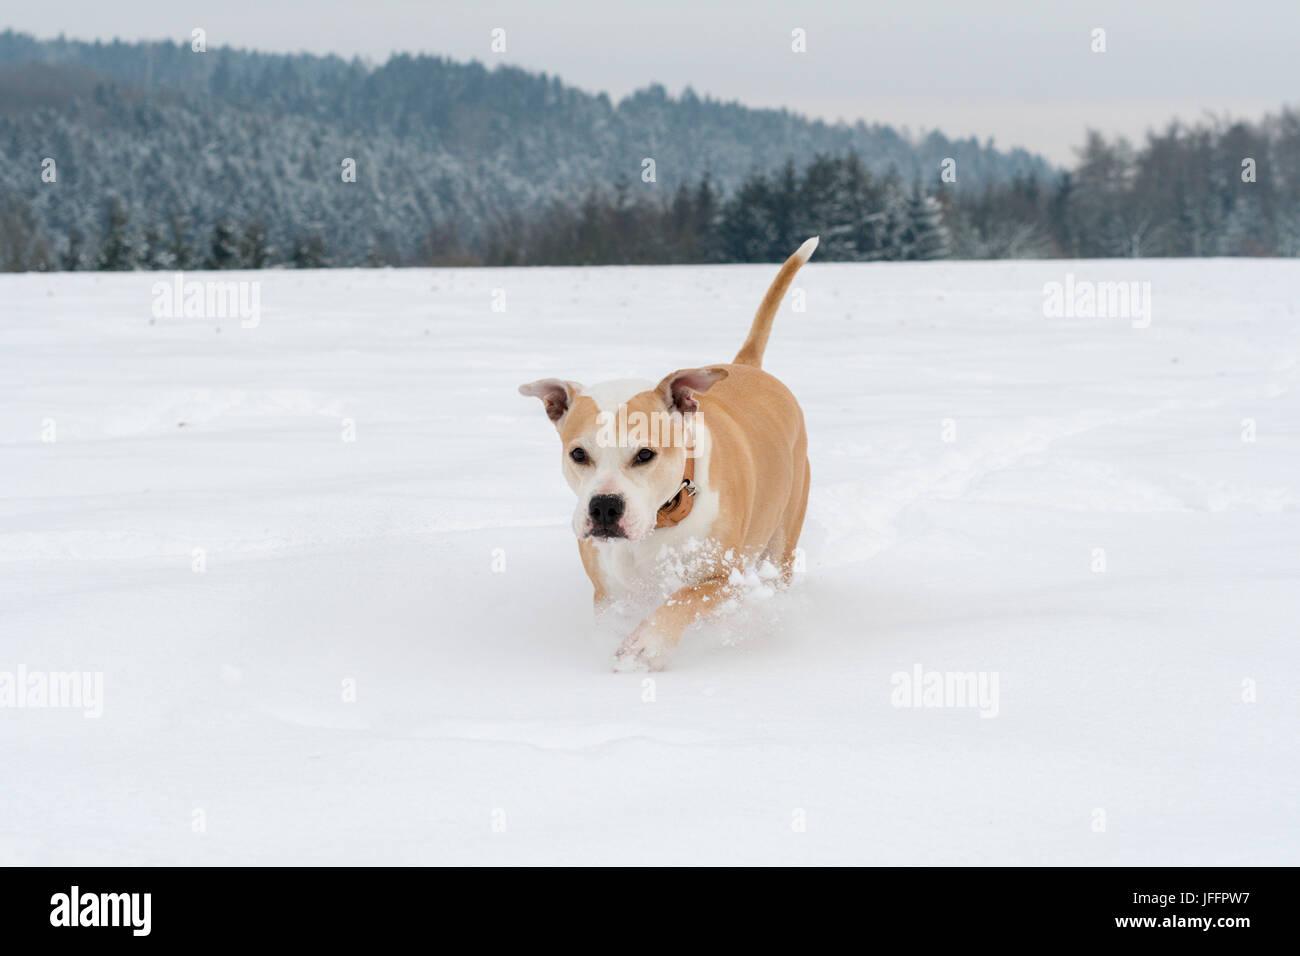 Running staffordshire bull terrier - Stock Image